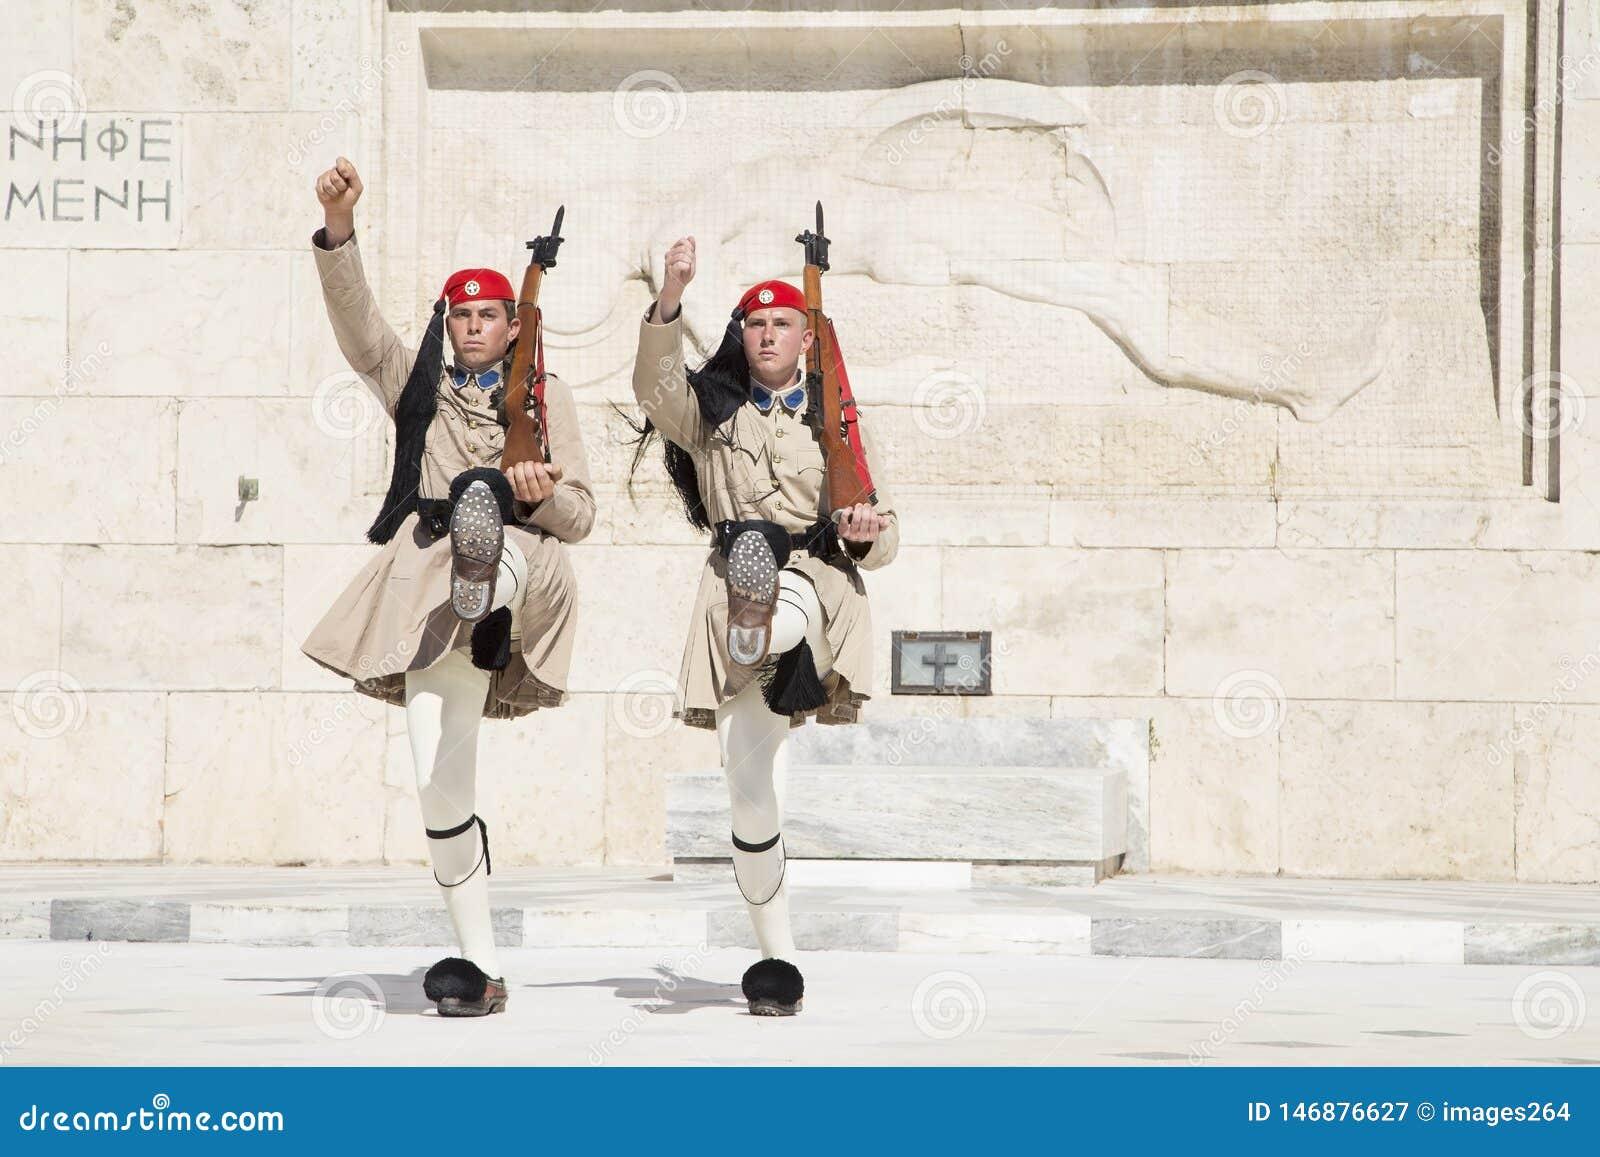 Φρουρά μπροστά από το ελληνικό Κοινοβούλιο, στις 17 Μαΐου 2014 Αθήνα